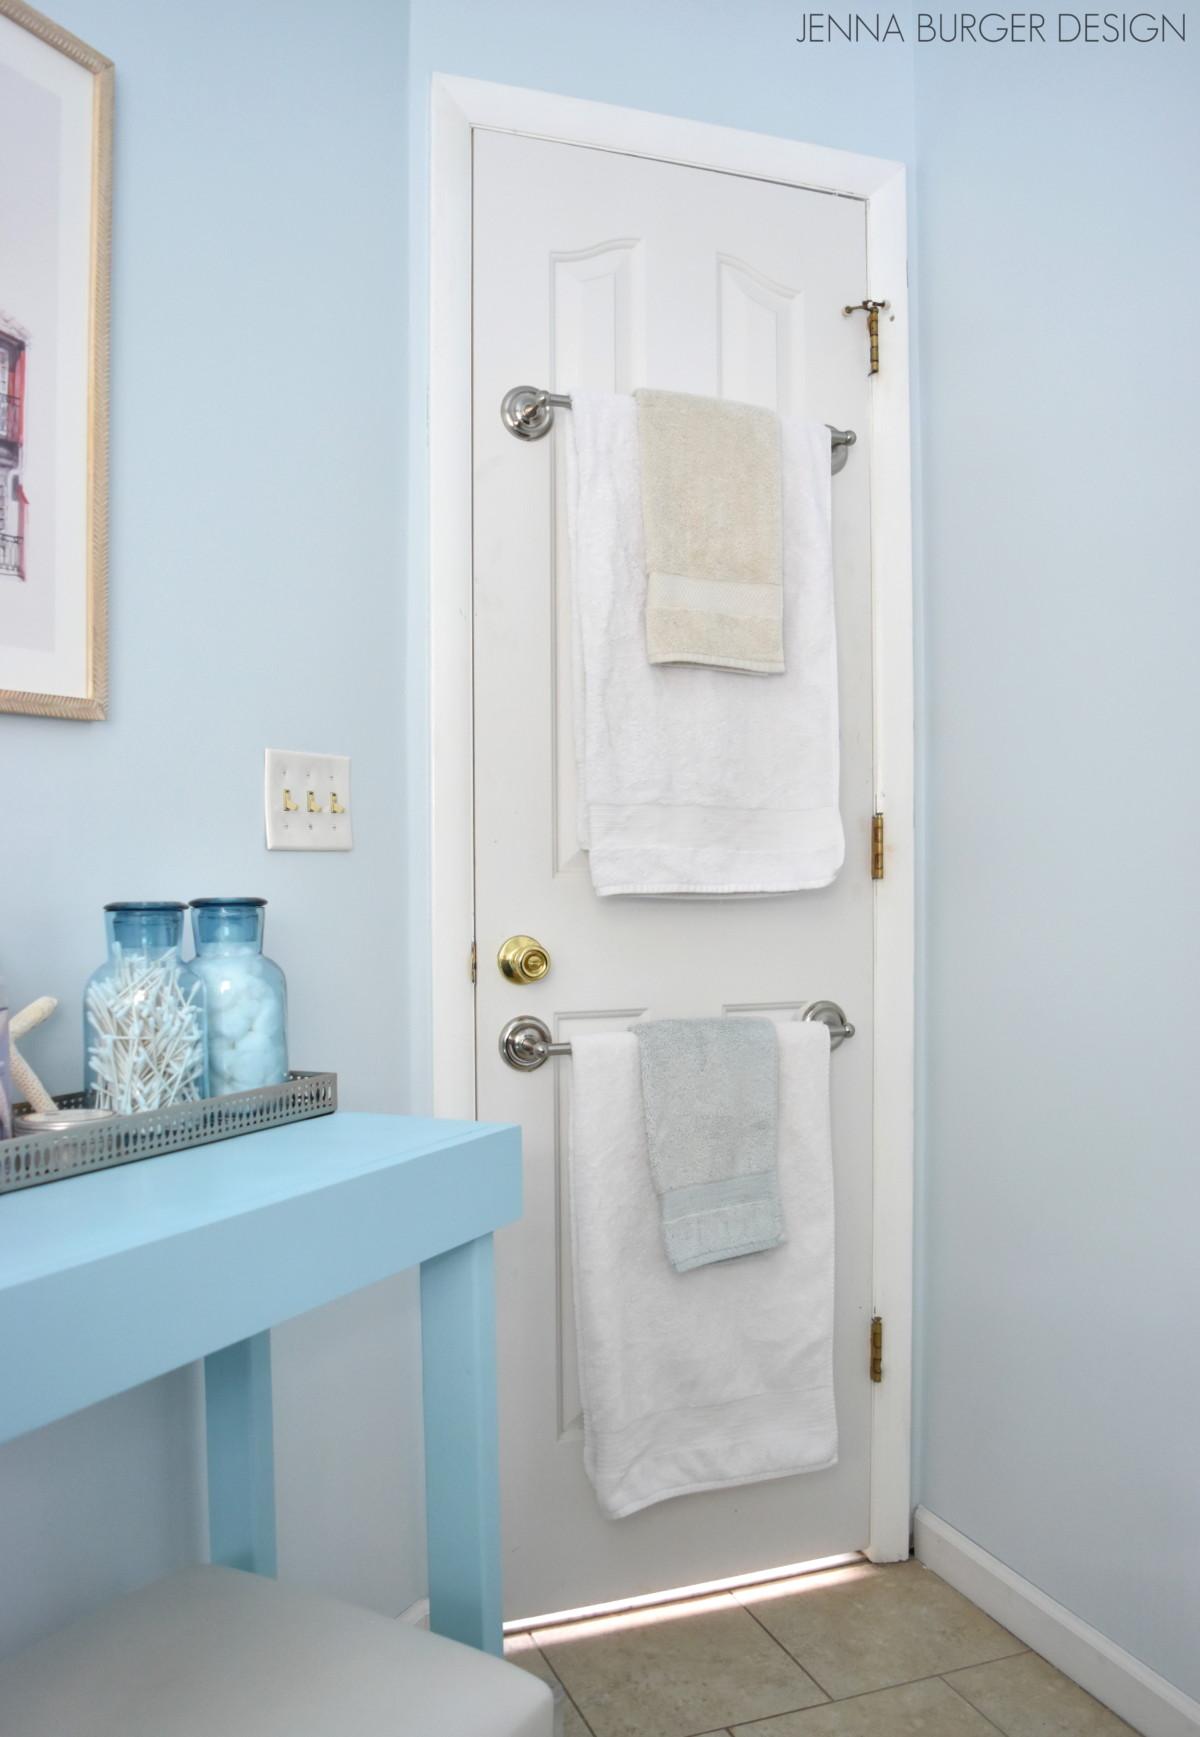 Bathroom Towel Bar: Back-of-the-Door Towel Bar